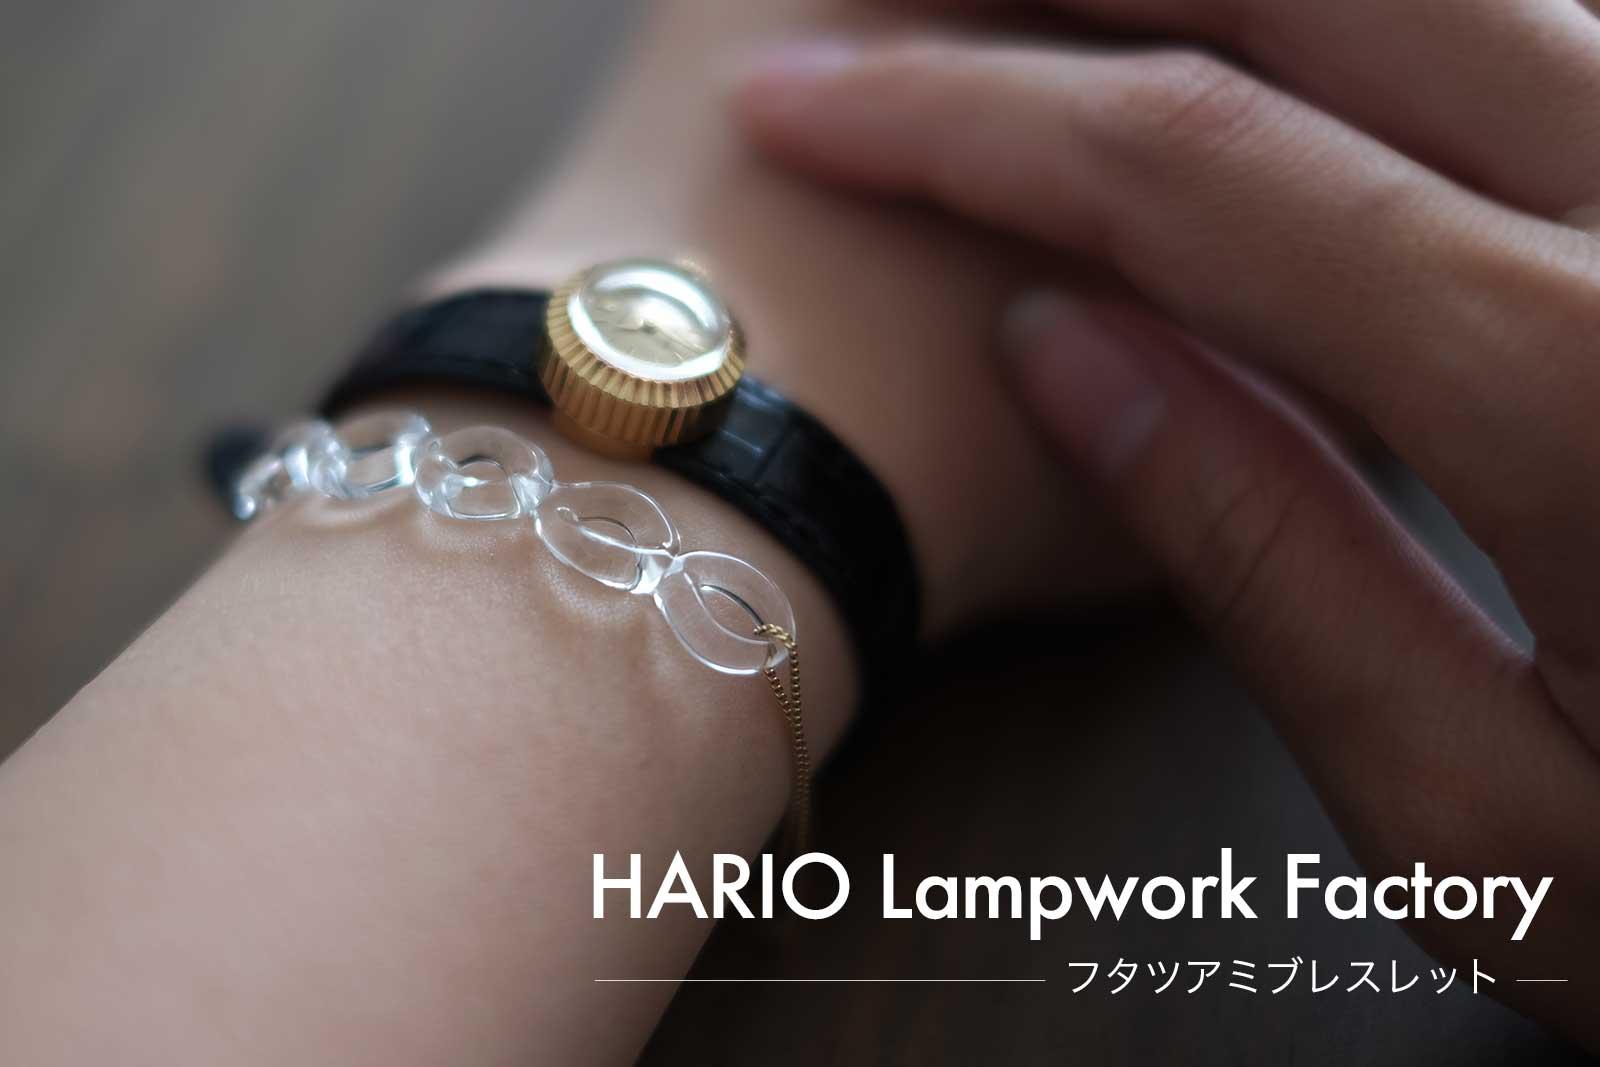 HARIO ランプワークファクトリー ガラスブレスレットは一度は手にしたいアクセサリー【レビュー】